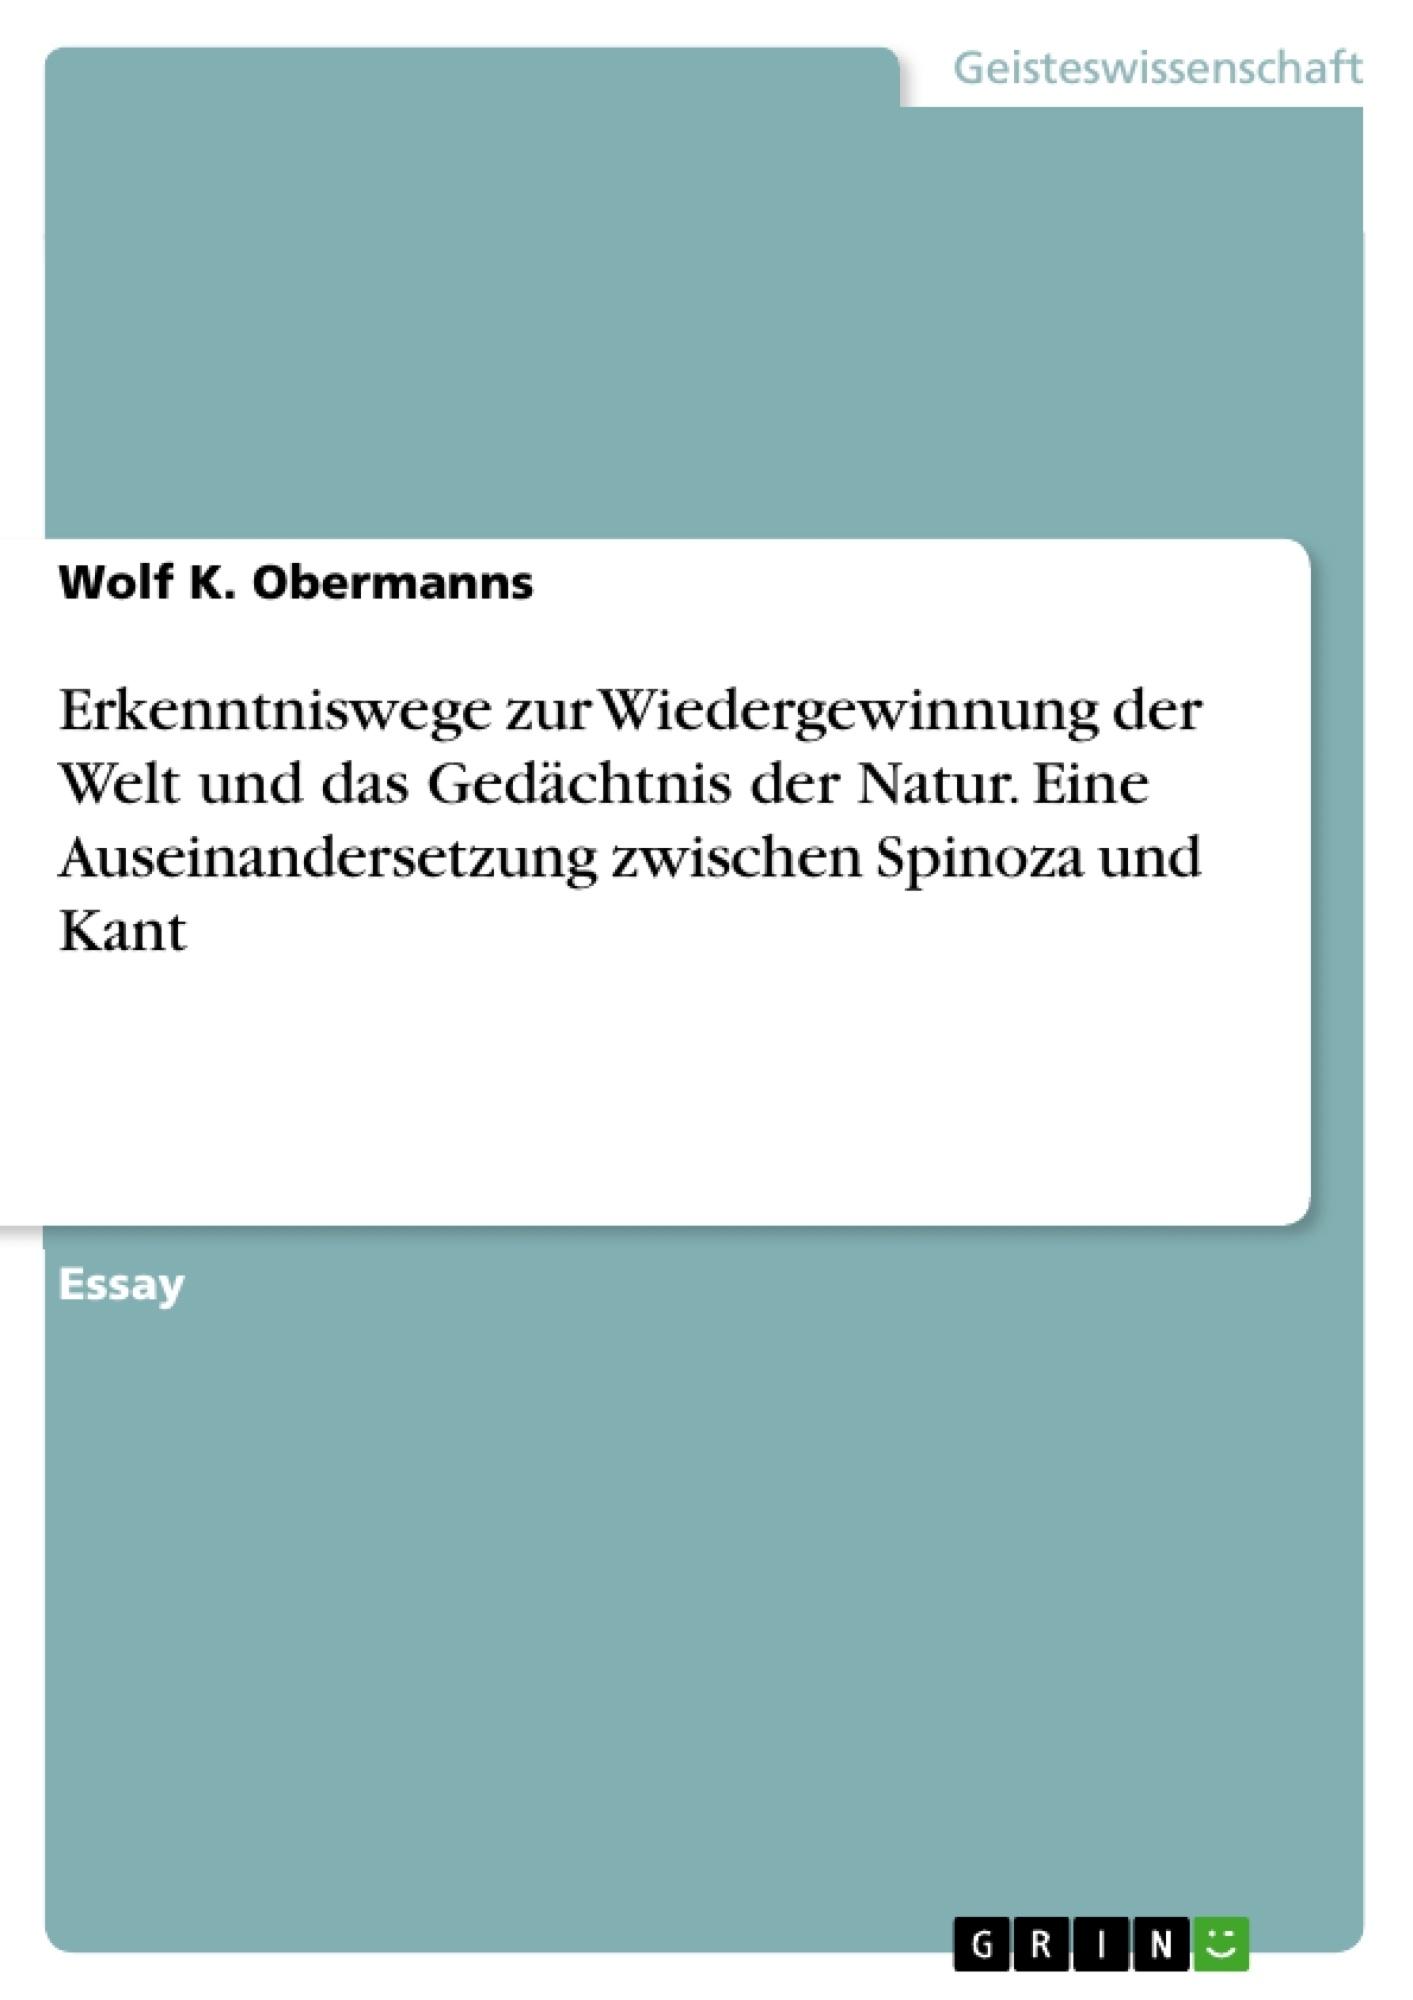 Titel: Erkenntniswege zur Wiedergewinnung der Welt und das Gedächtnis der Natur. Eine Auseinandersetzung zwischen Spinoza und Kant